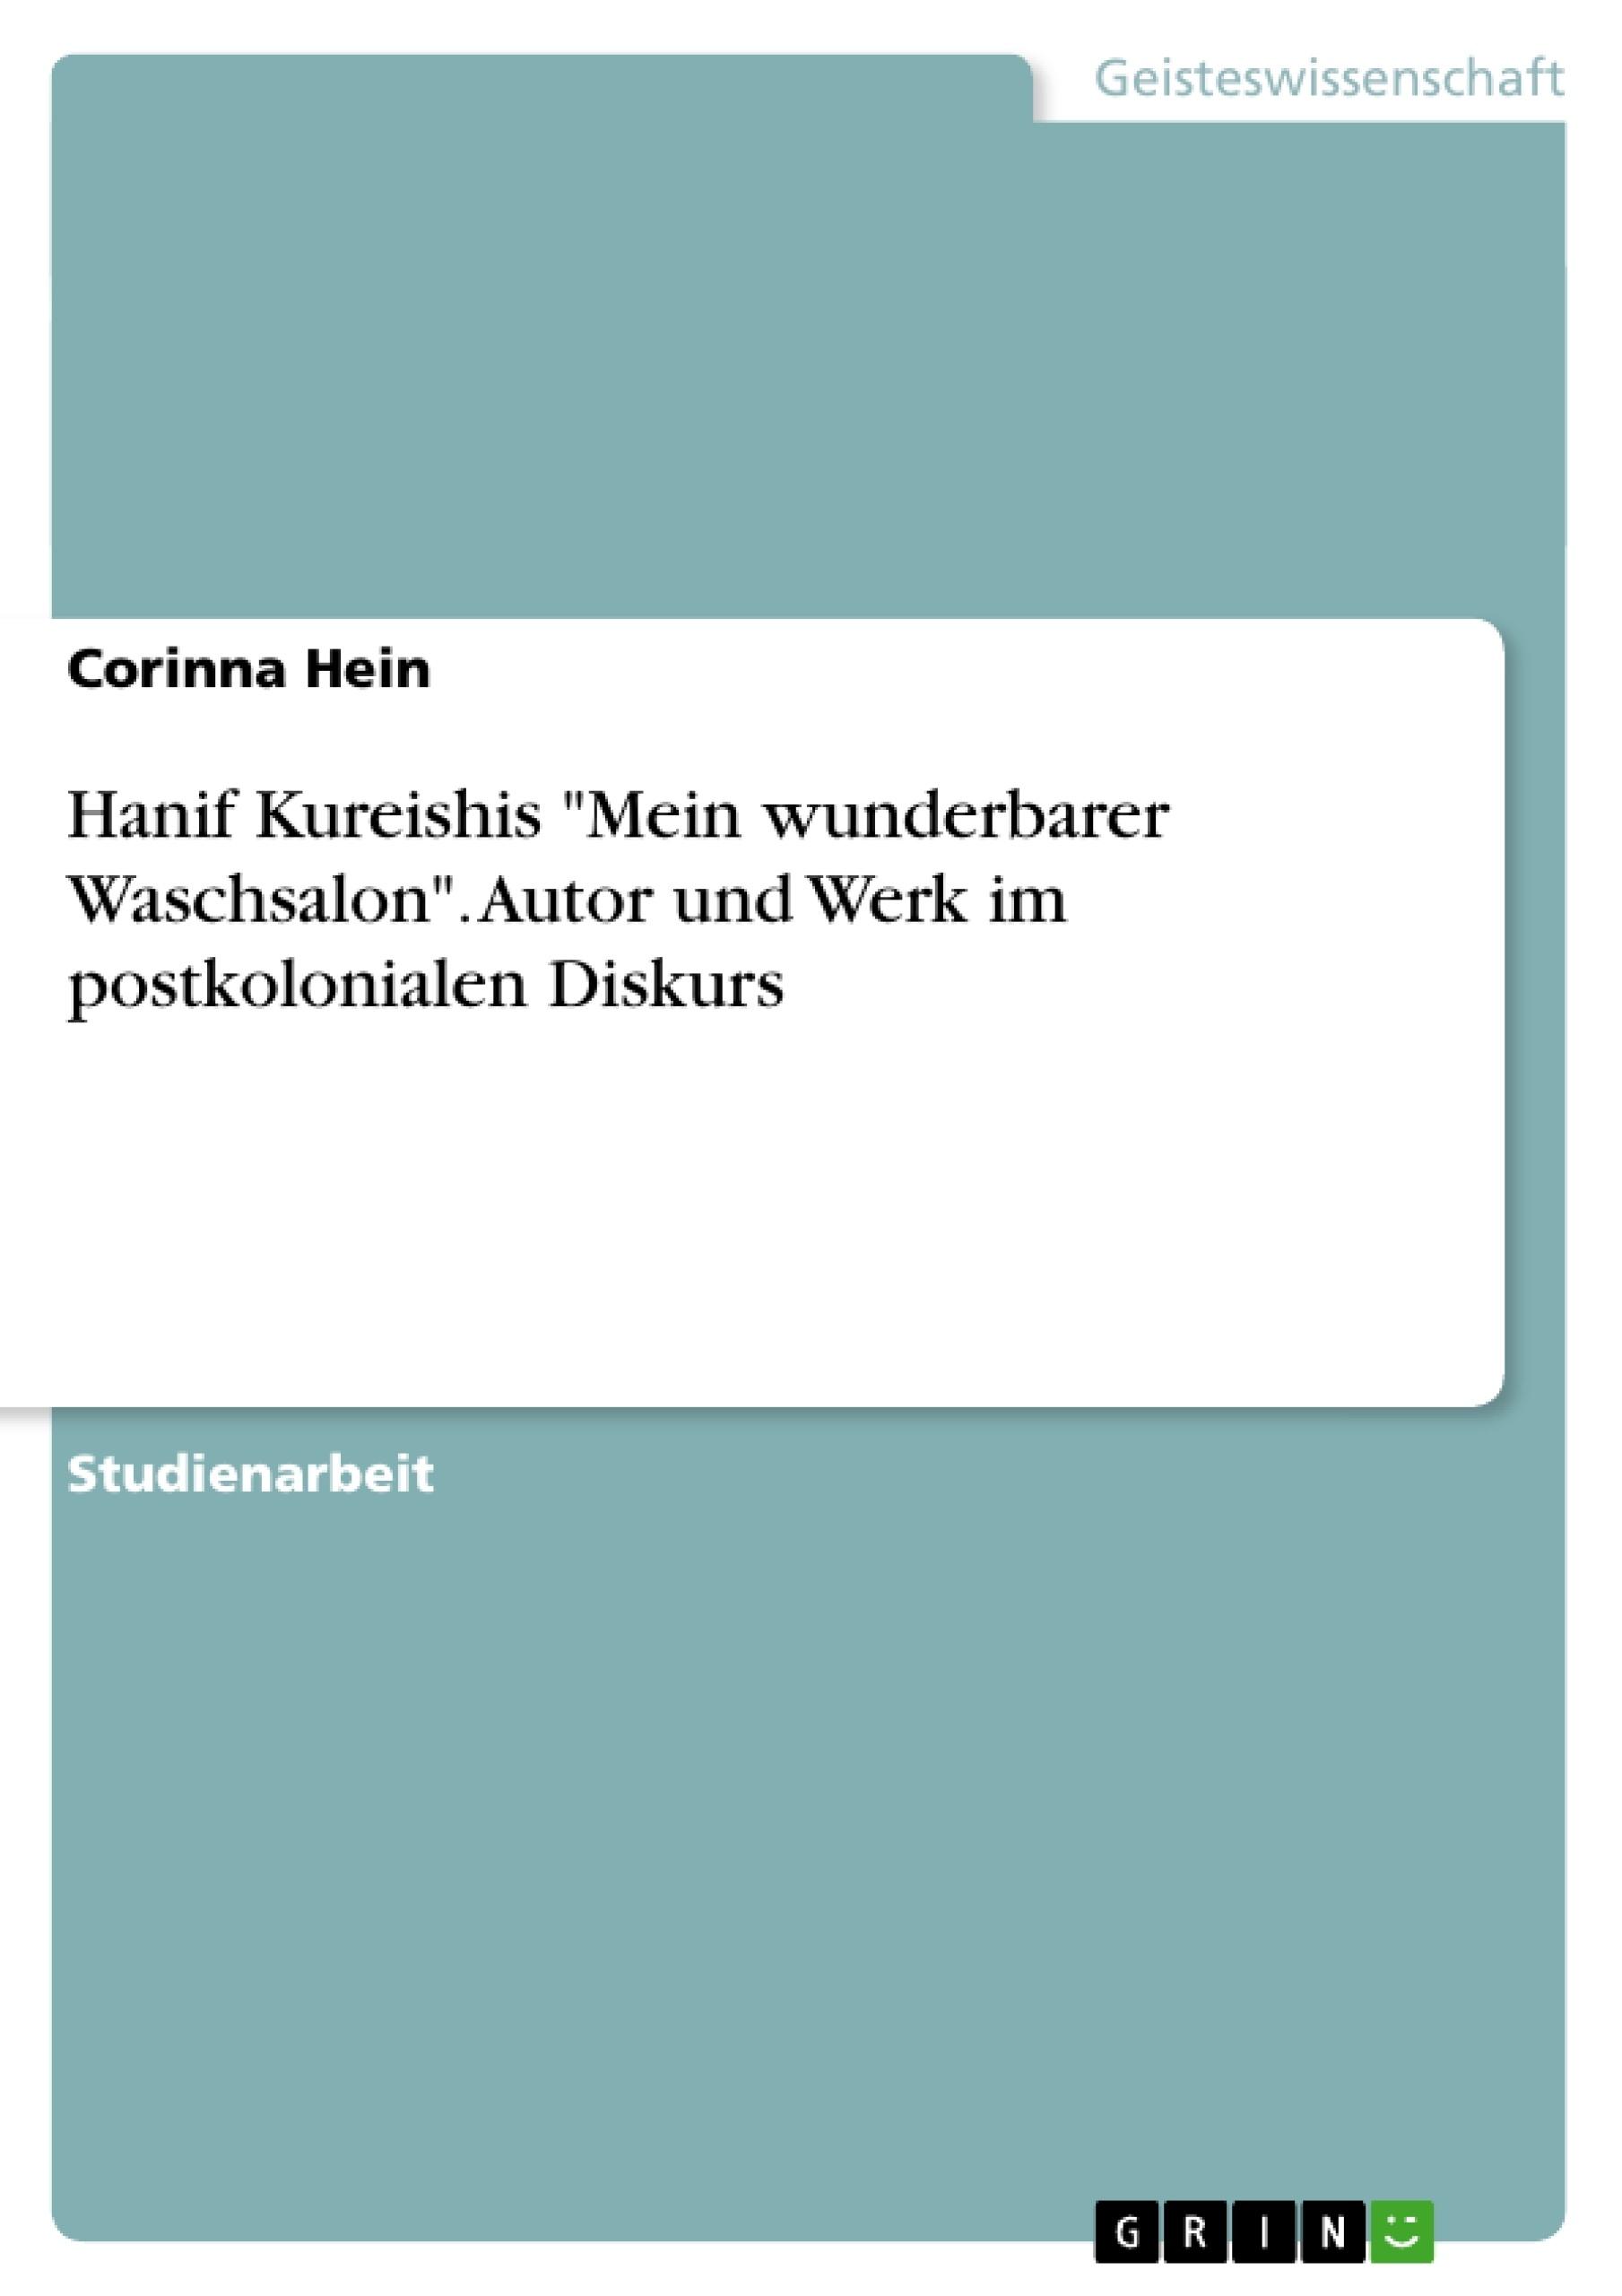 """Titel: Hanif Kureishis """"Mein wunderbarer Waschsalon"""". Autor und Werk im postkolonialen Diskurs"""